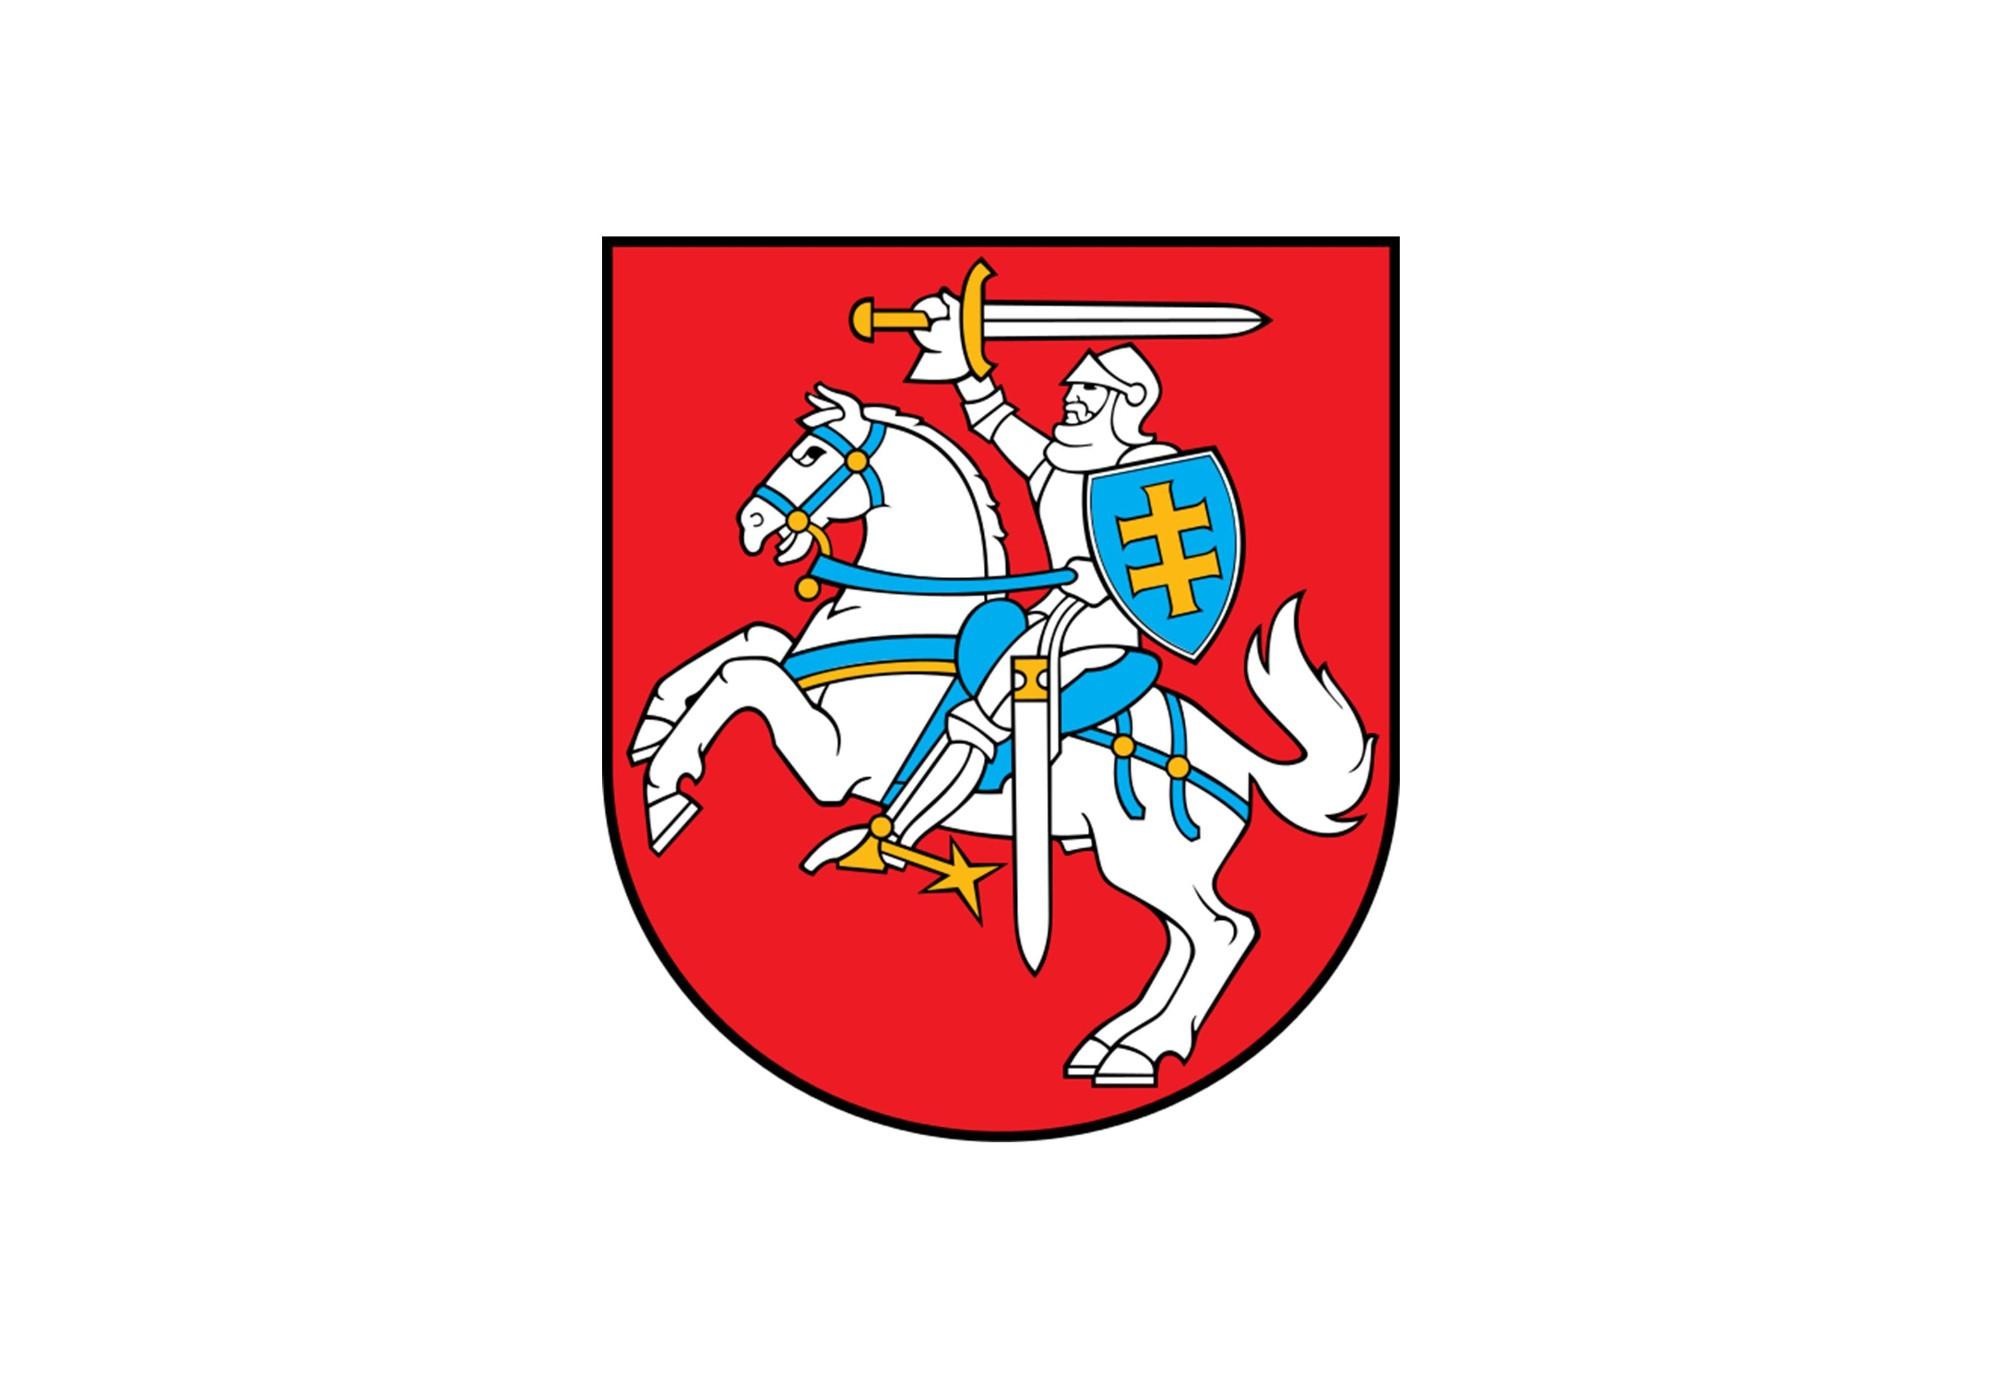 литва картинки герб и флаг